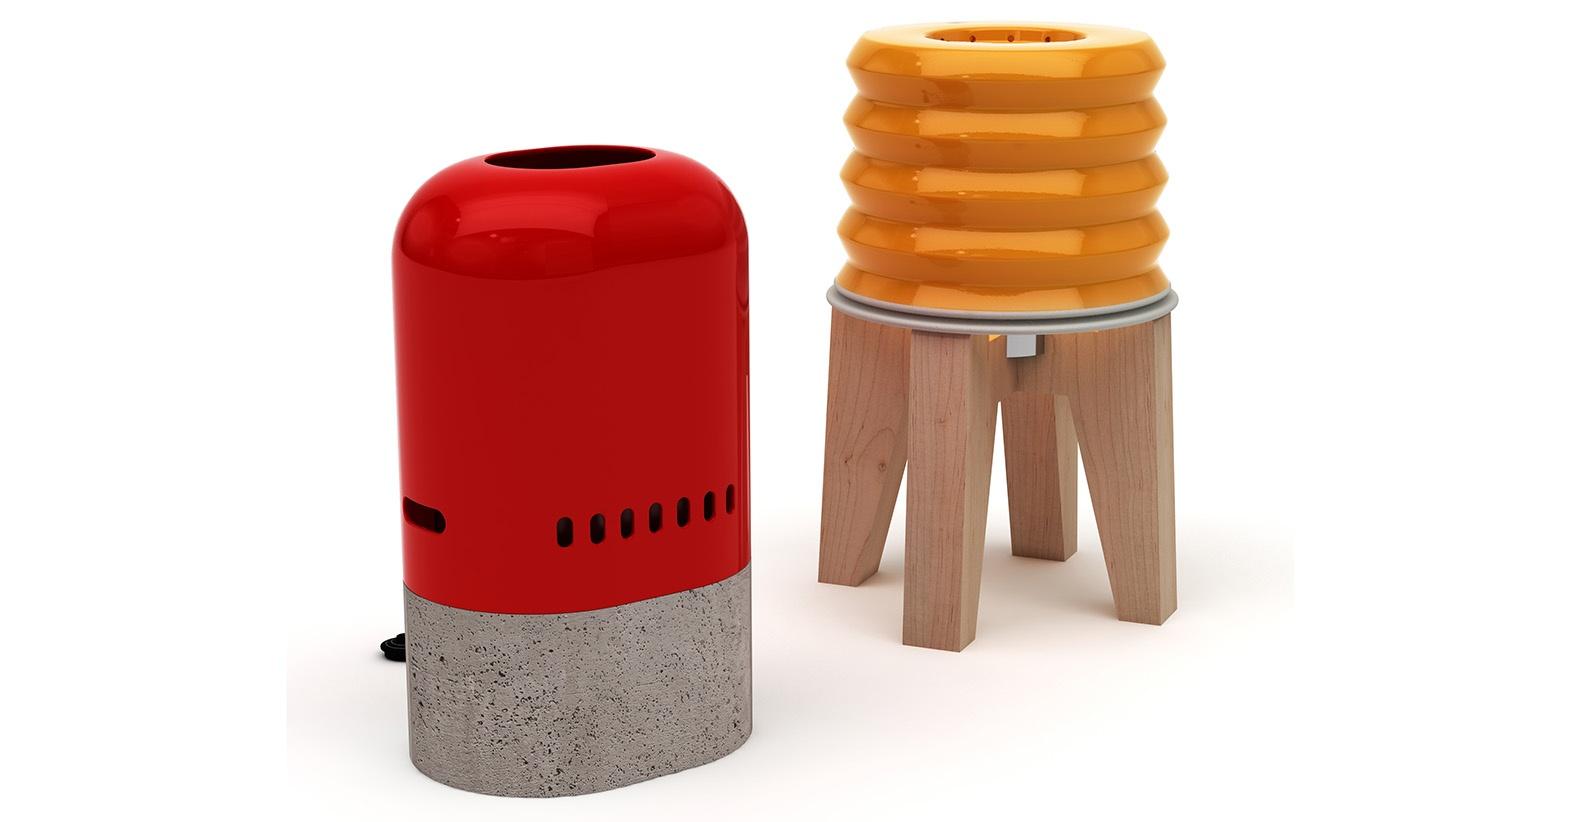 ceramic-heaters-by-estudio-co-1